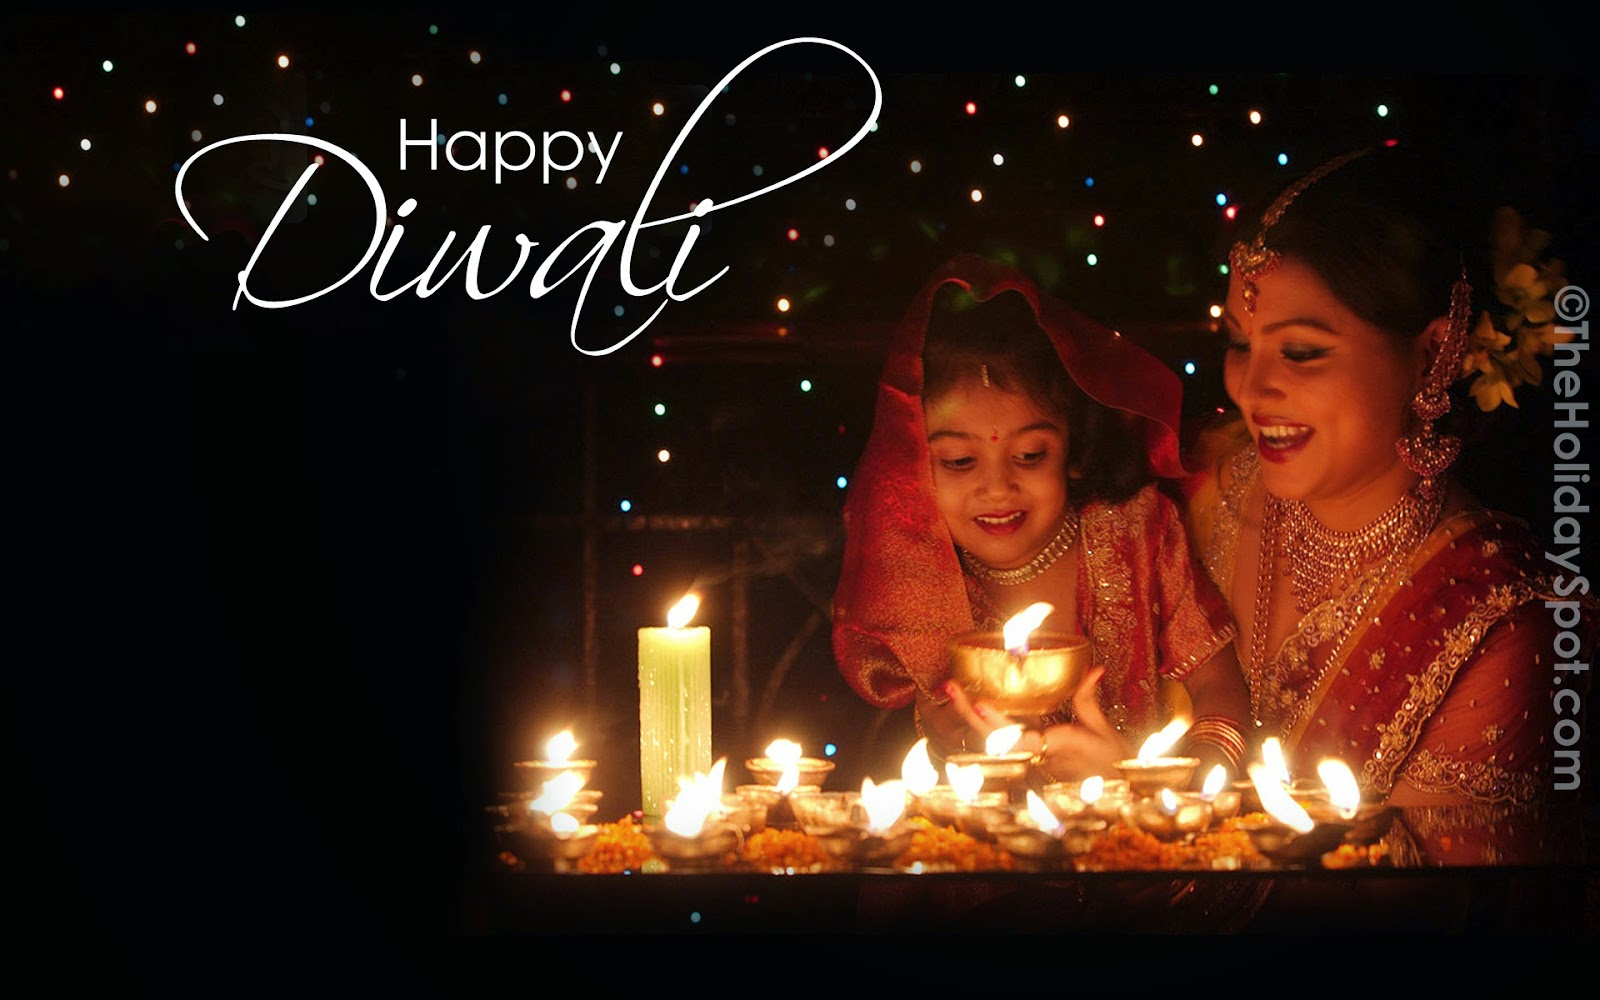 Diwali celebration Image 2017